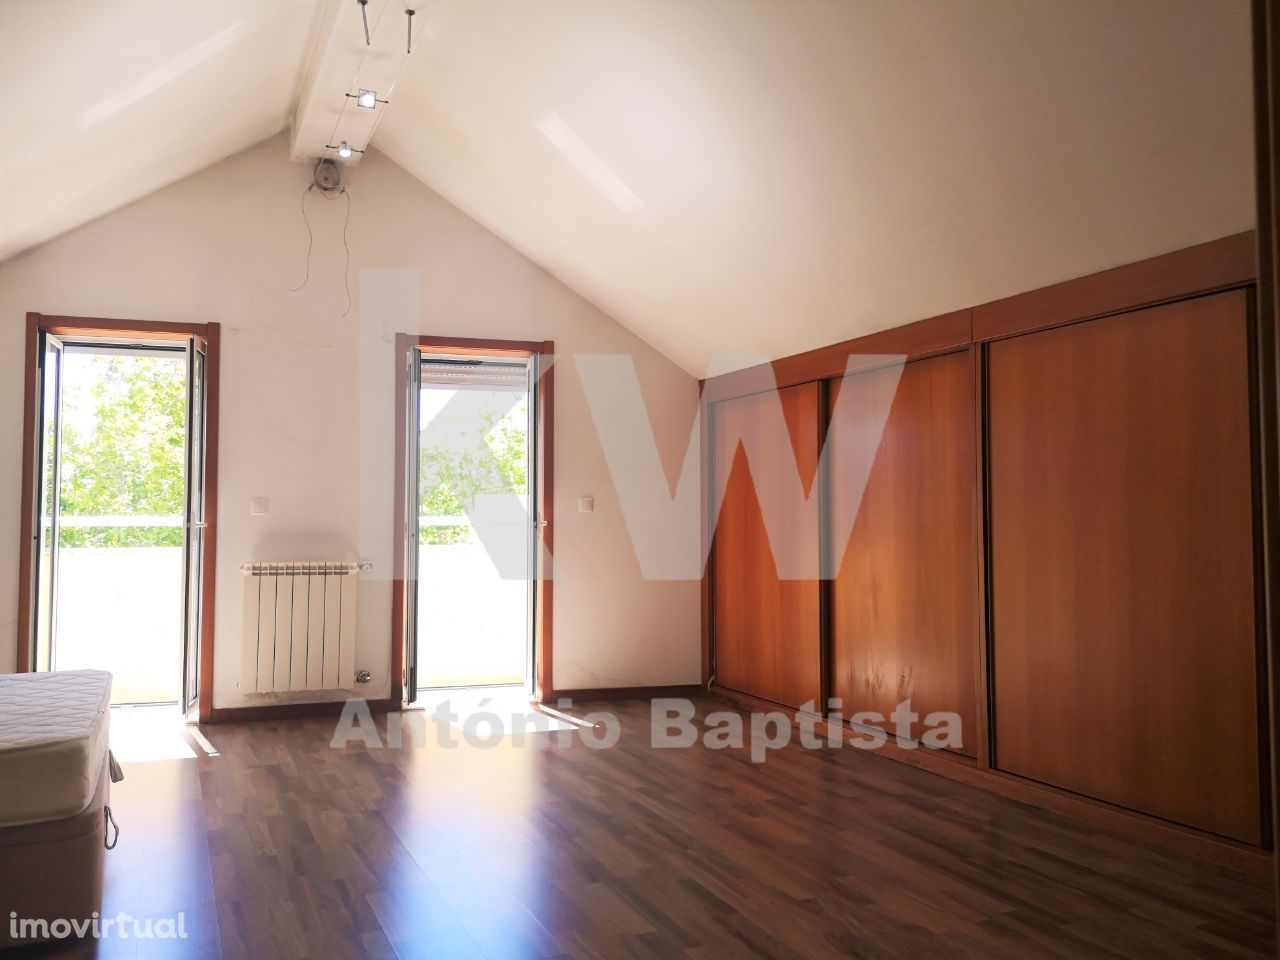 *NOVO PREÇO* Apartamento T1 duplex, no Alboi - Aveiro